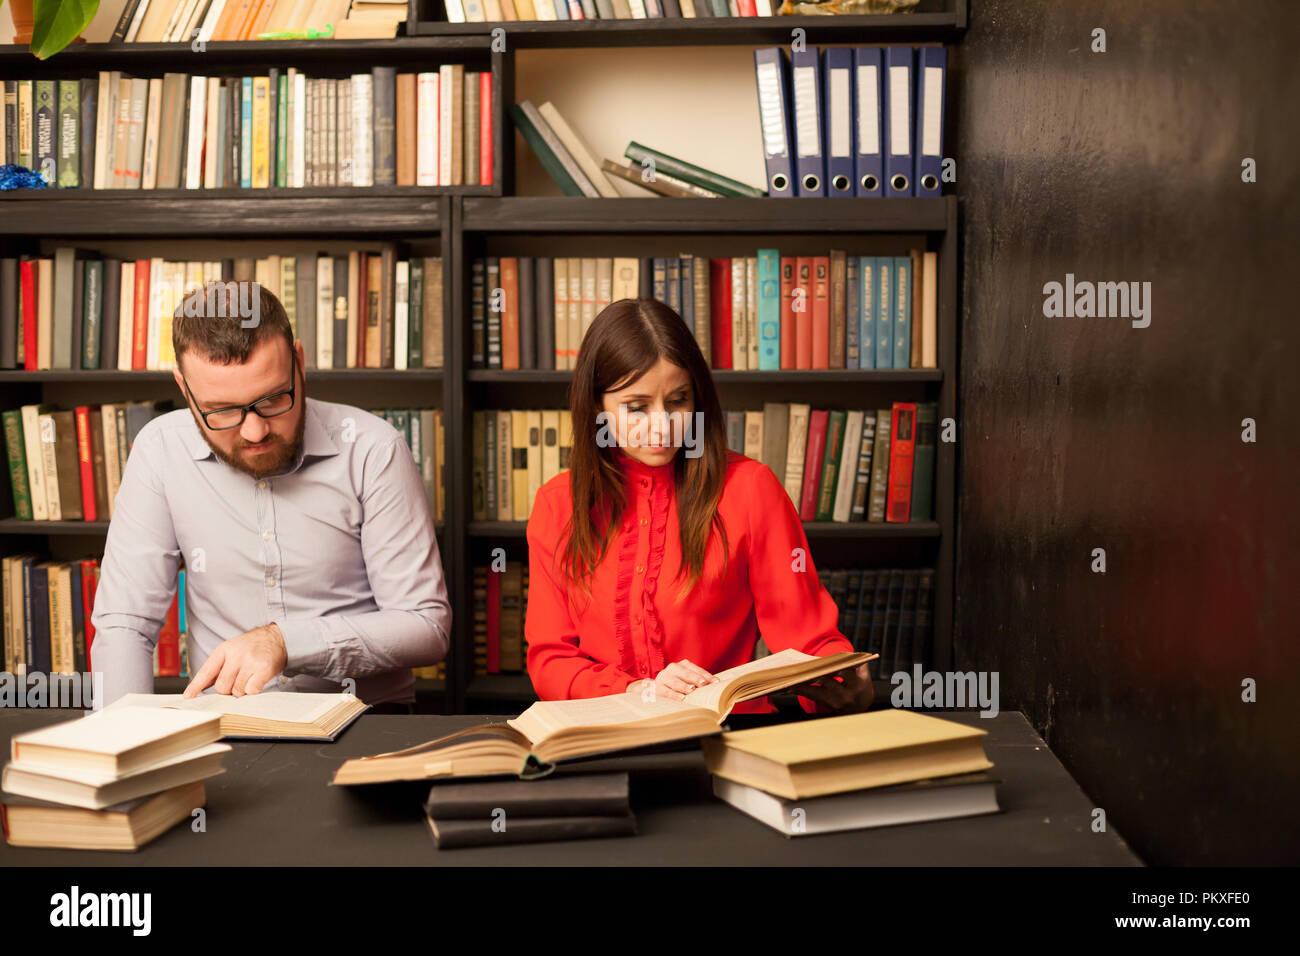 Un uomo e una donna per leggere i libri in biblioteca sono la preparazione per l'esame 1 Immagini Stock